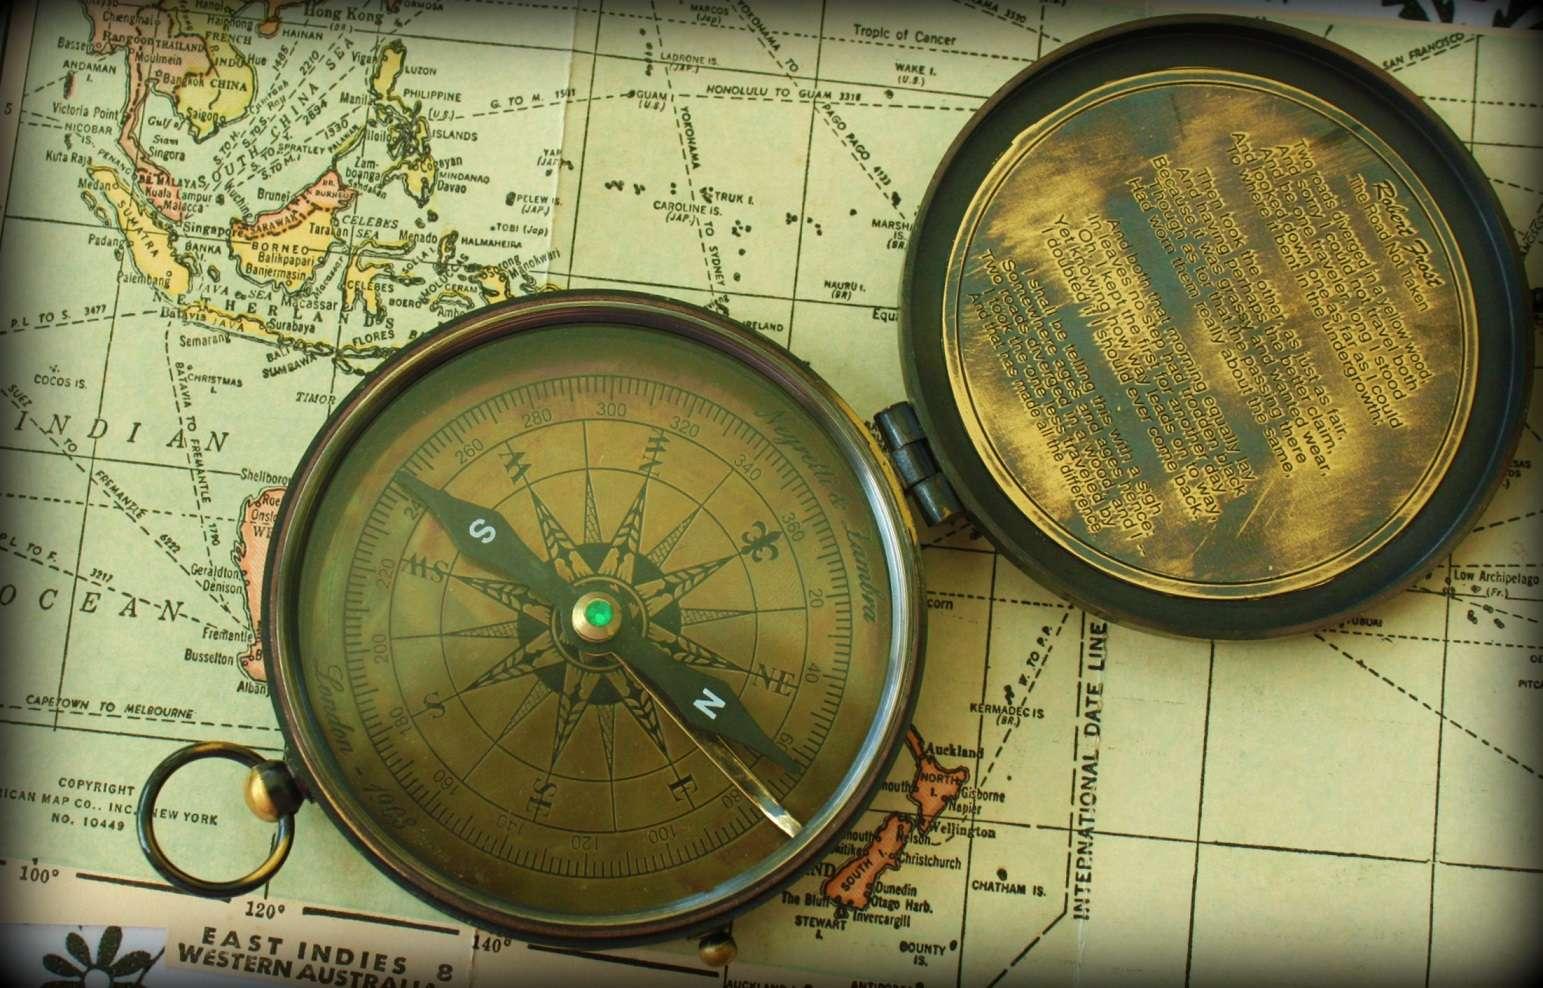 Le champ magnétique terrestre peut être vu comme celui d'un aimant droit. Ainsi, l'aiguille de la boussole indique le nord magnétique, lequel diffère du nord géographique. © Calsidyrose, Flickr, CC by 2.0